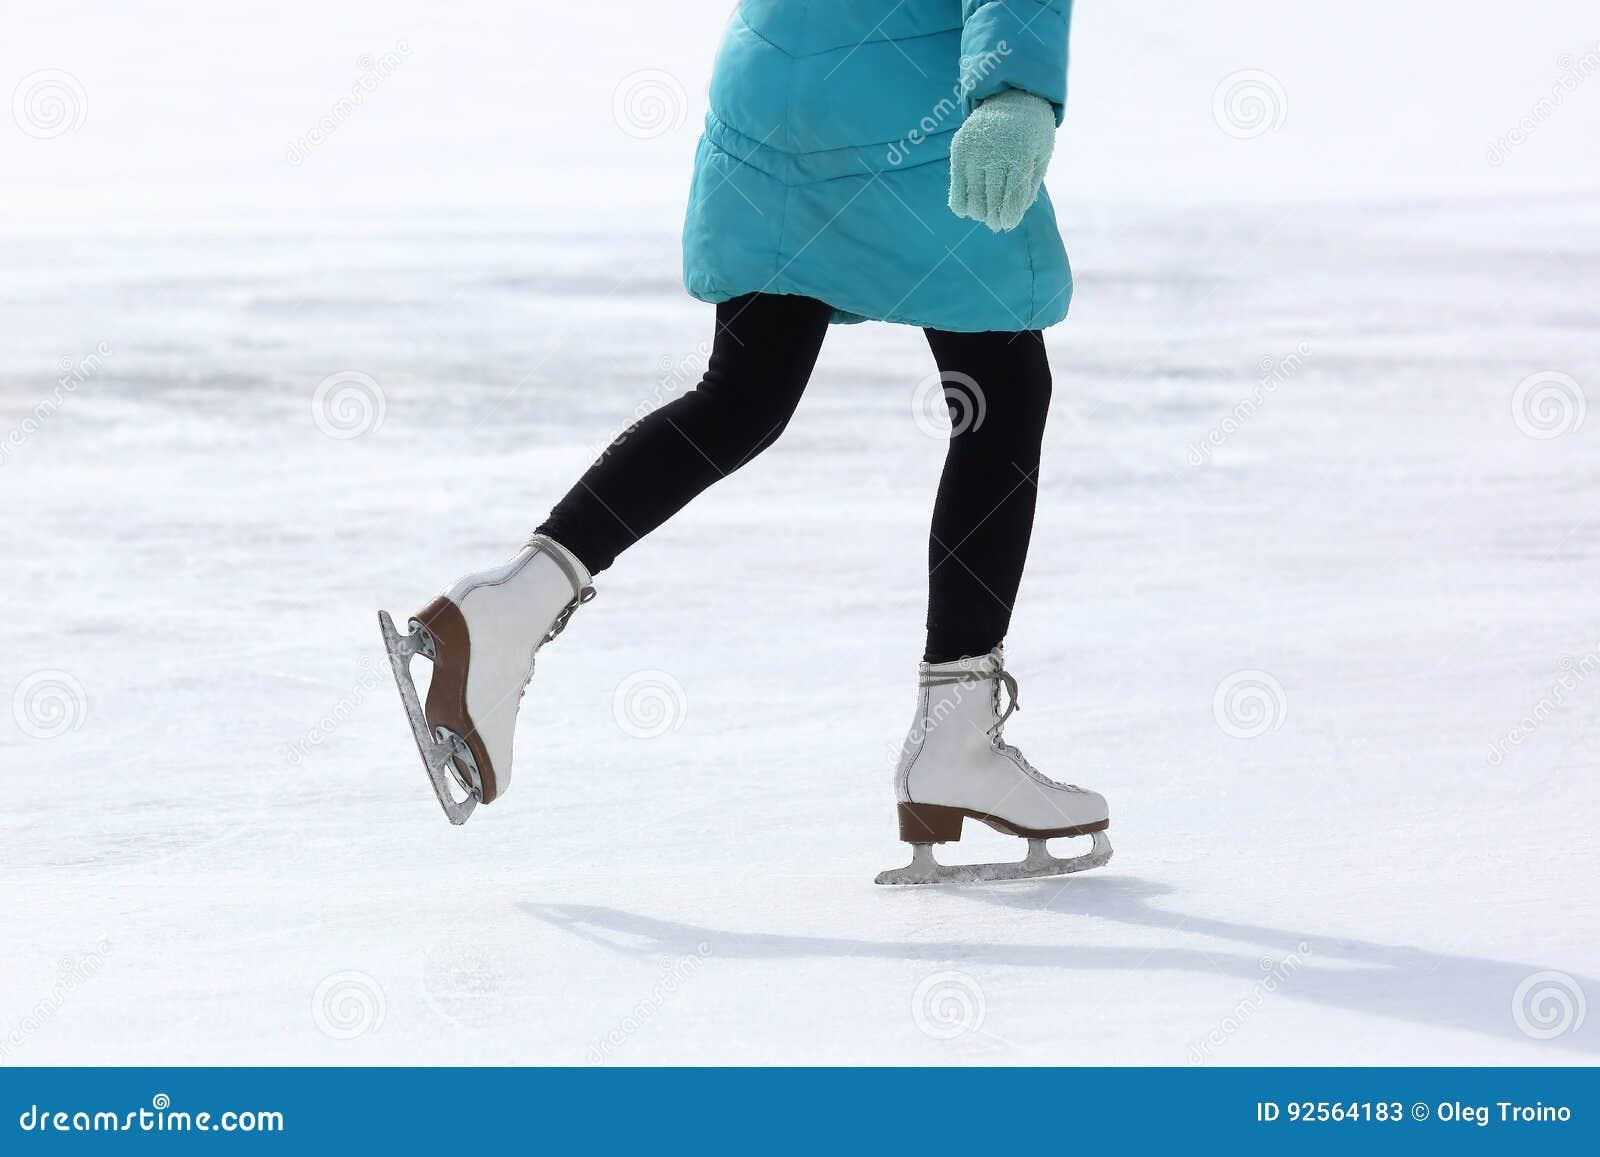 Piedi che pattinano sulla pista di pattinaggio sul ghiaccio